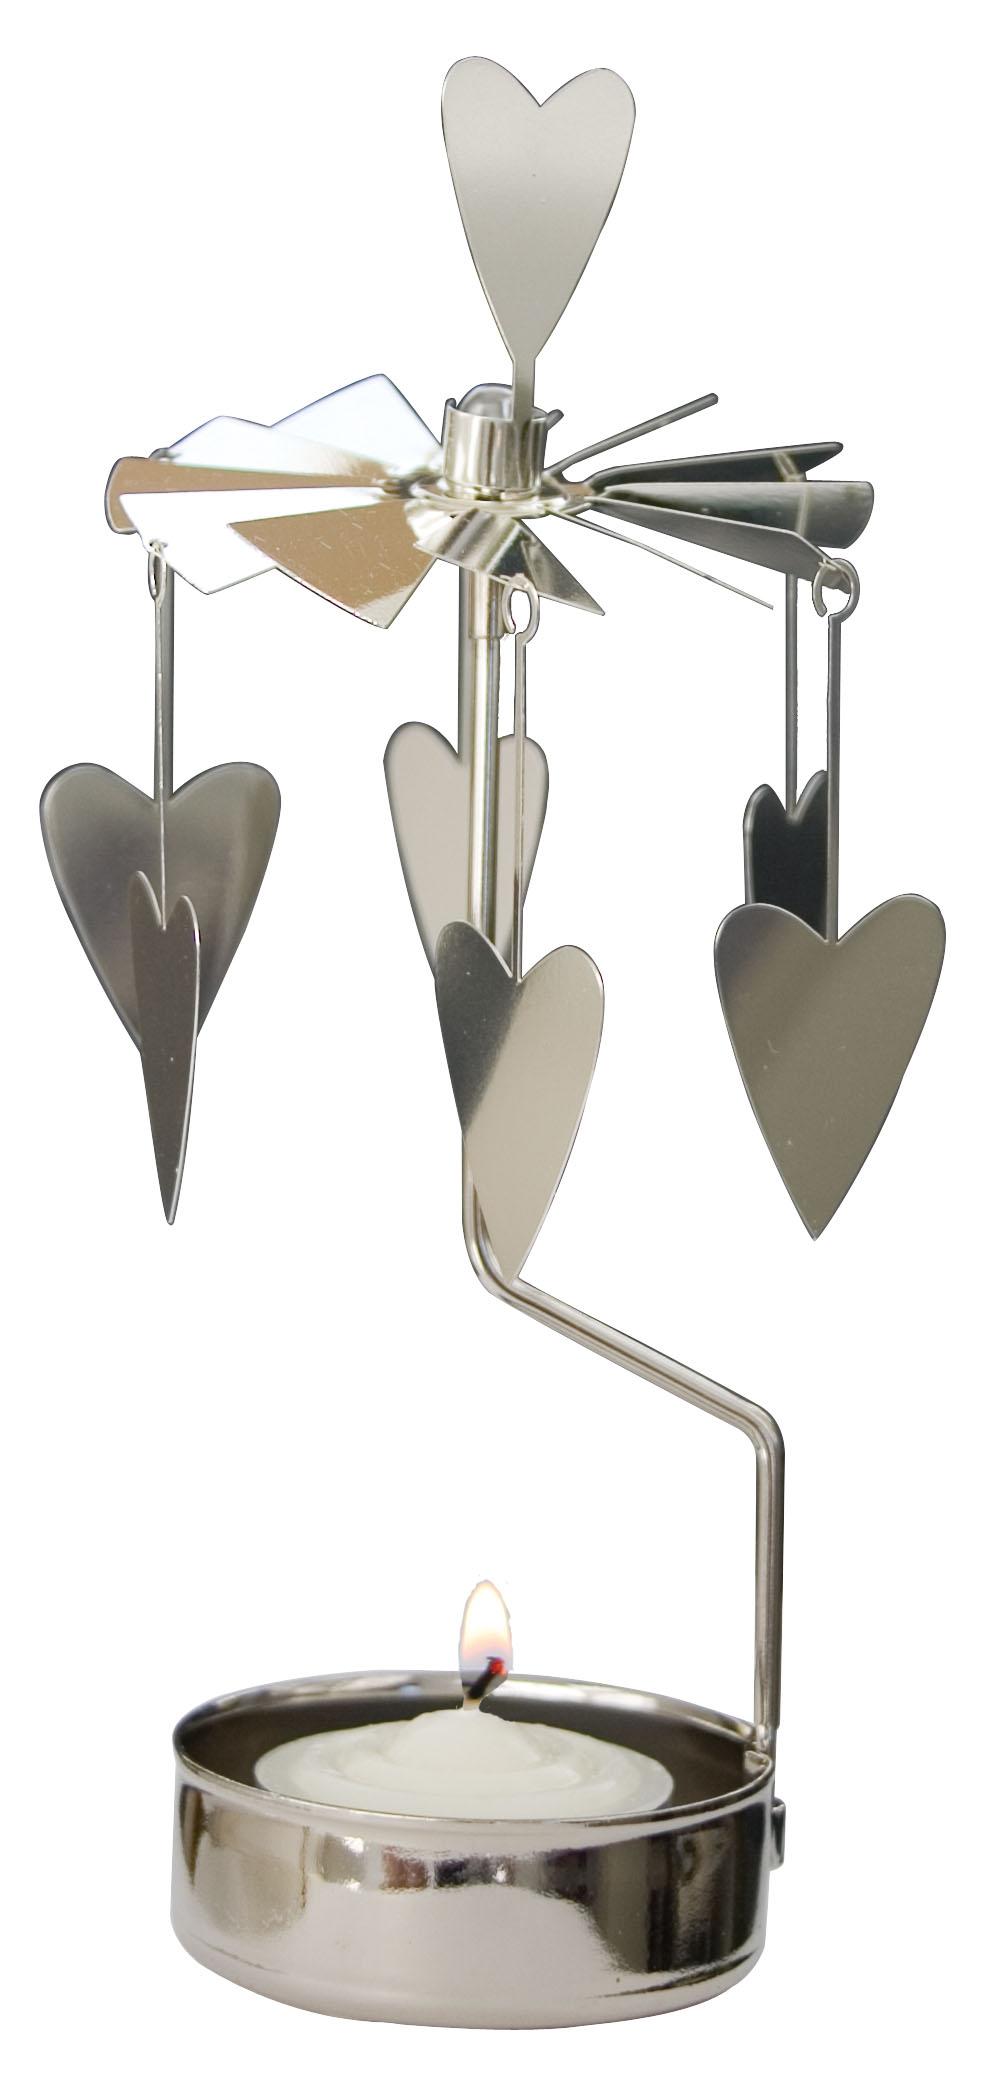 Waxinehouder hearts